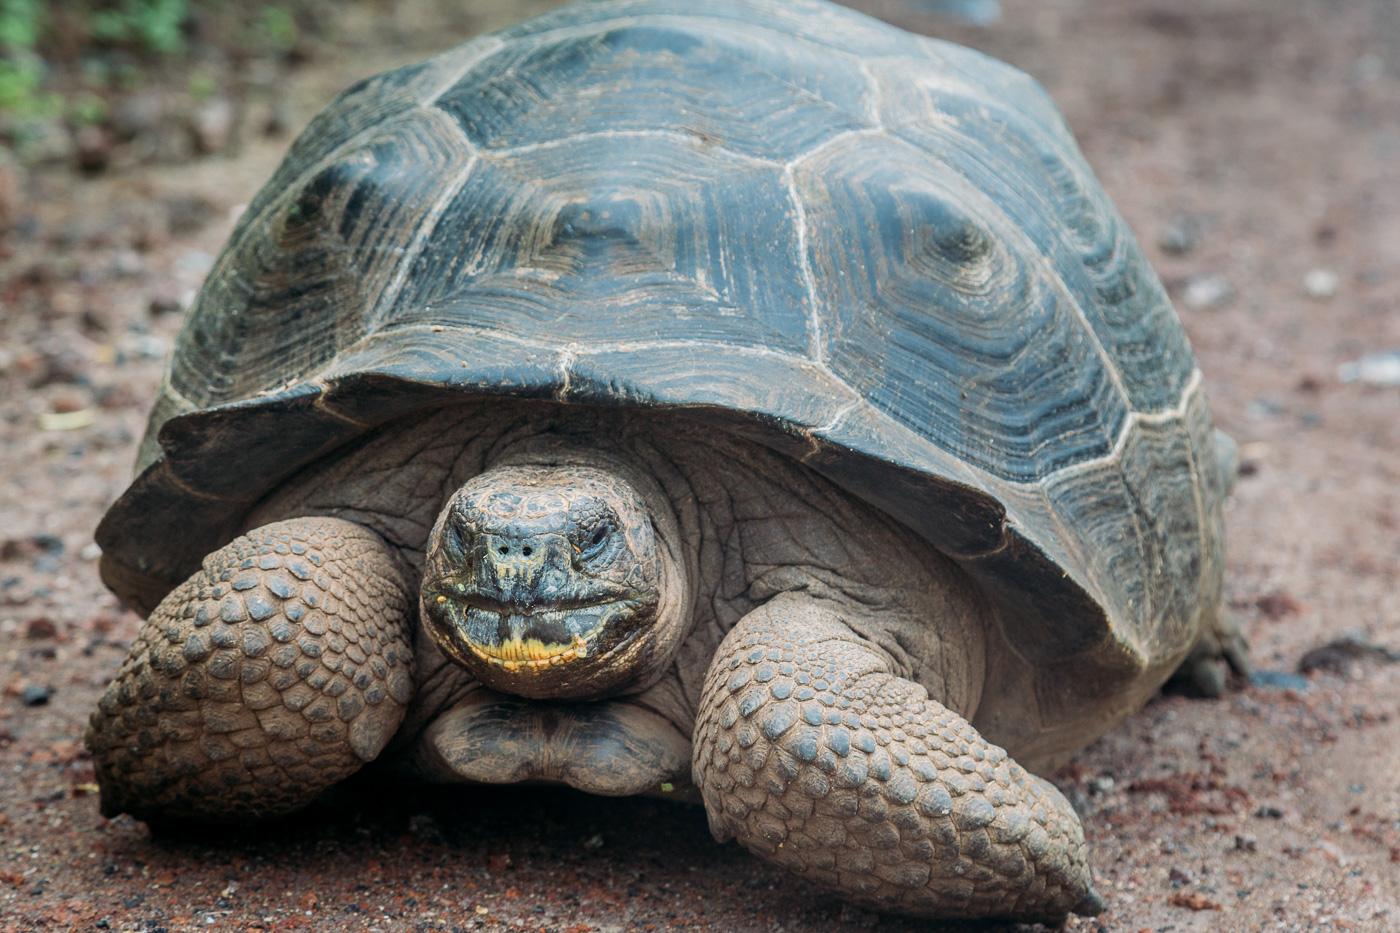 Giant Tortoise, Isla Isabela, Galapagos